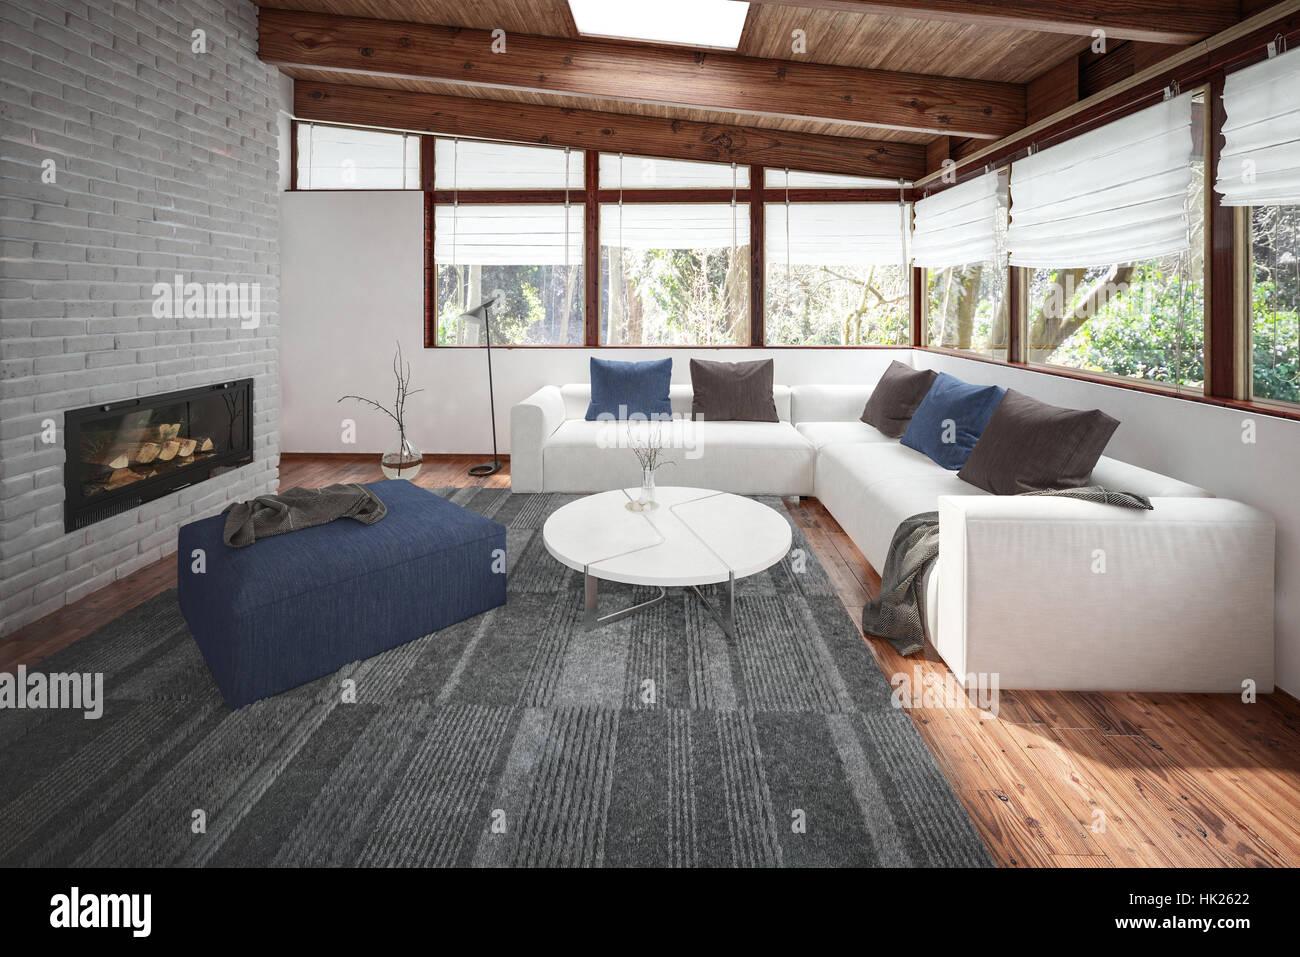 Wohnzimmer mit holzboden und decke vielen fenstern und kamin